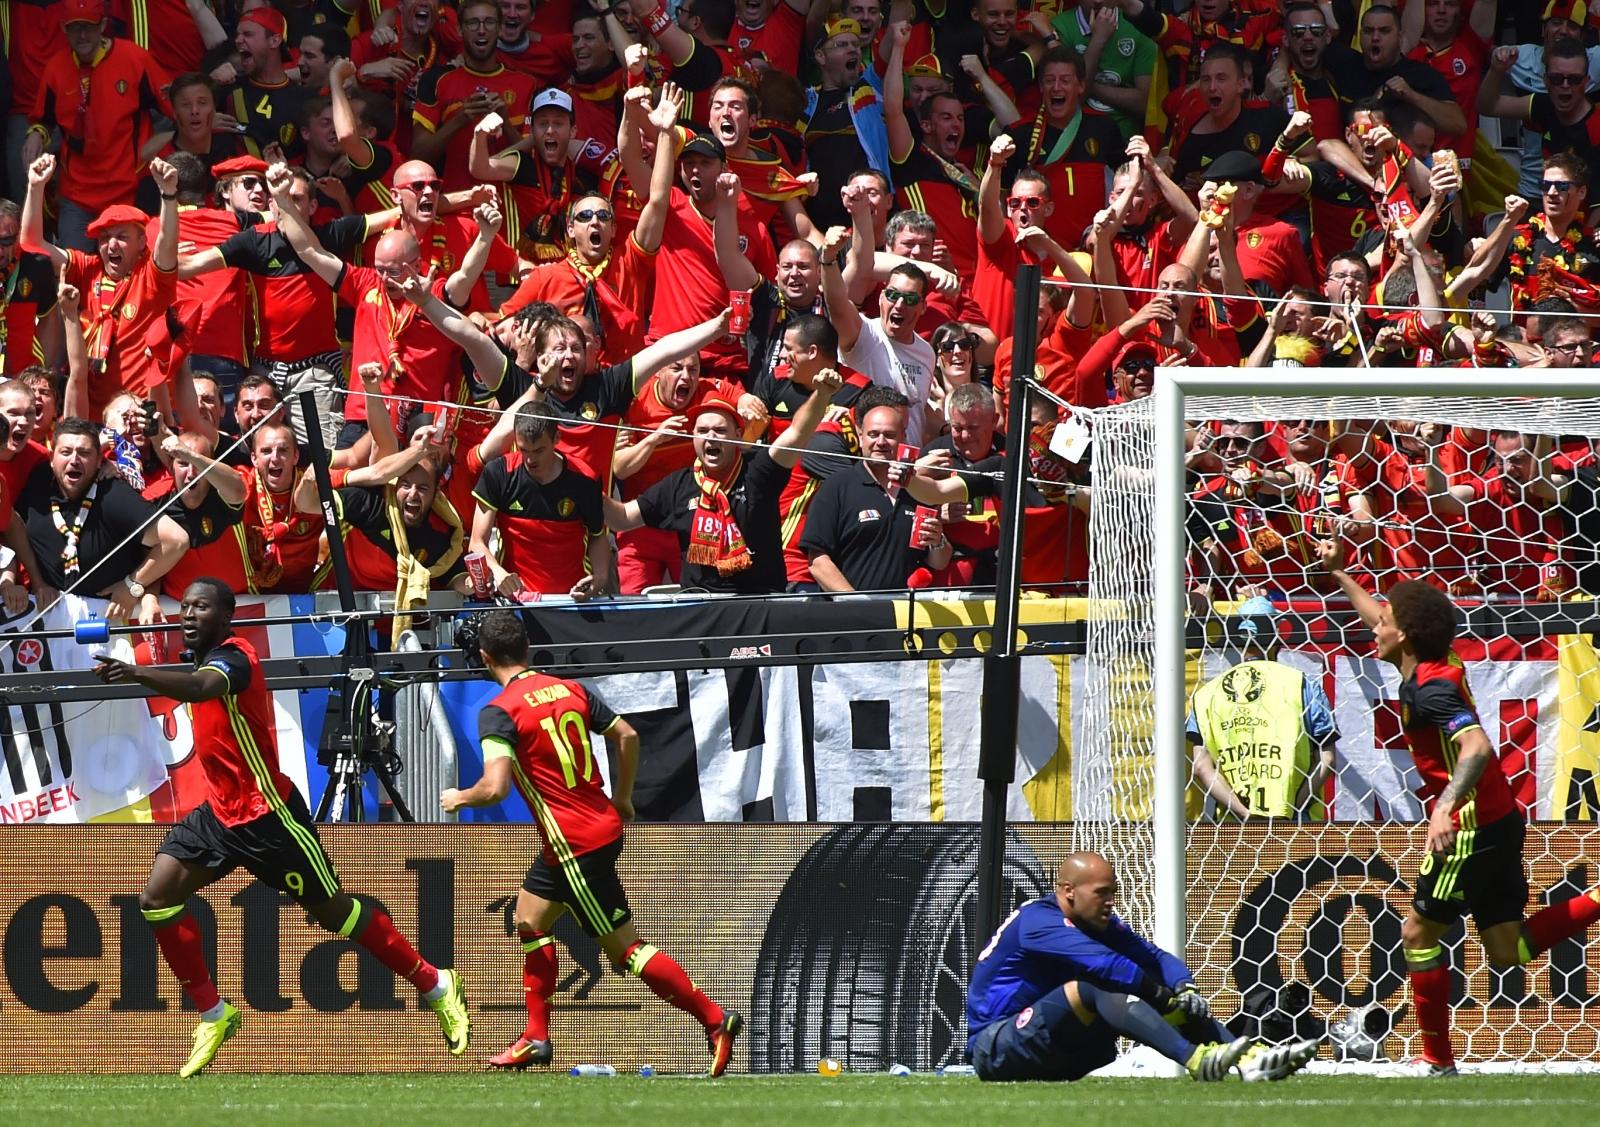 Belgium score against Ireland